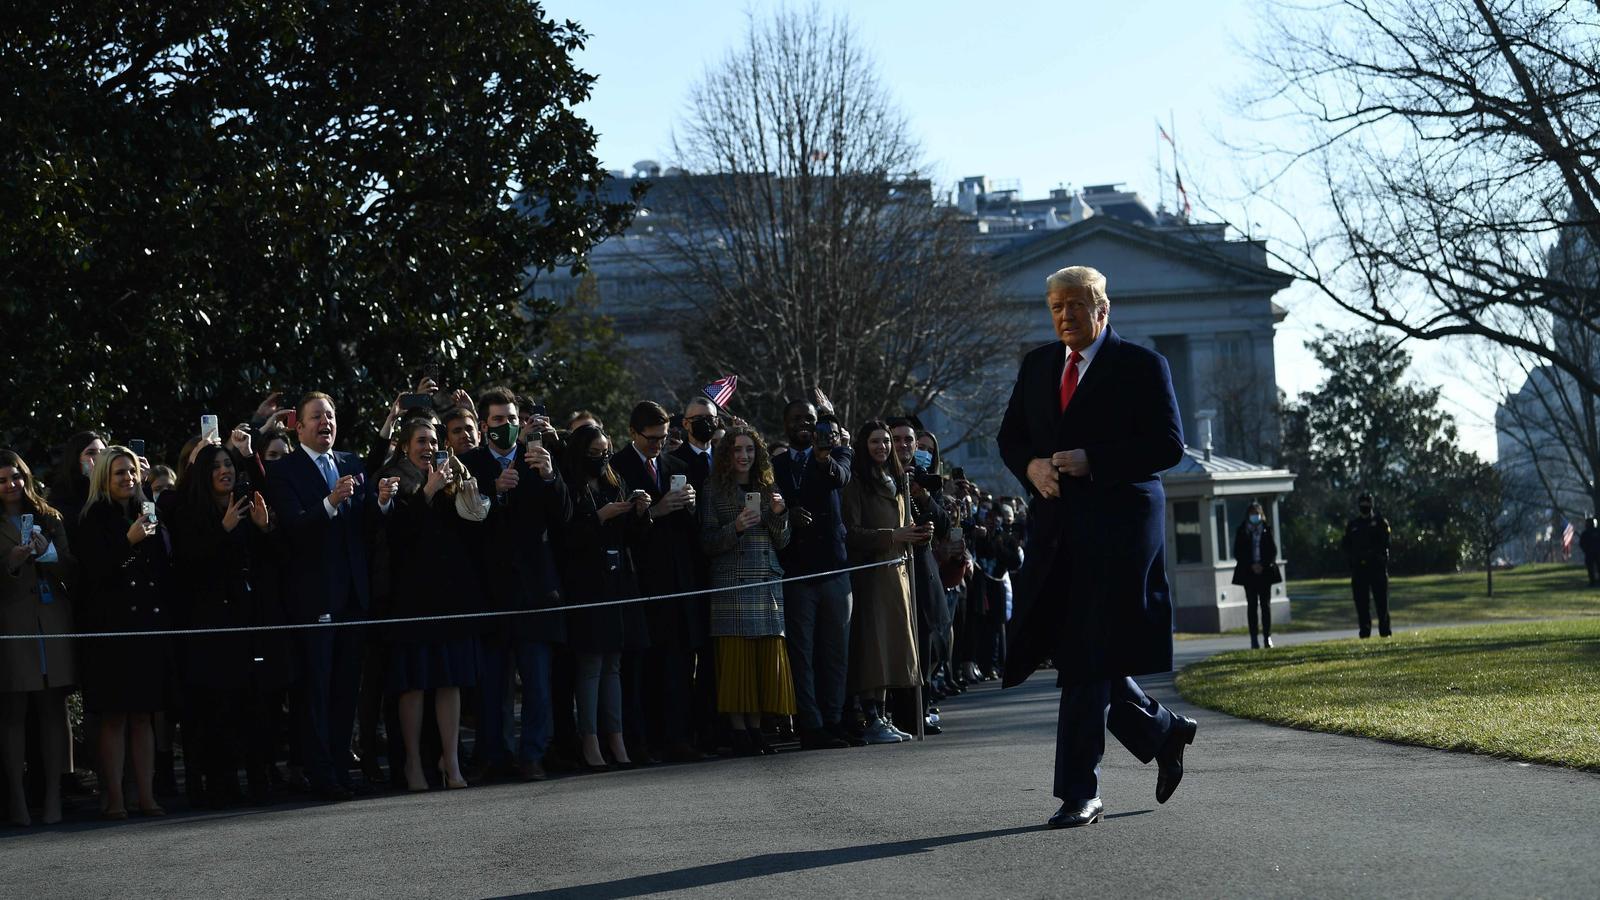 El president del EUA Donald Trump